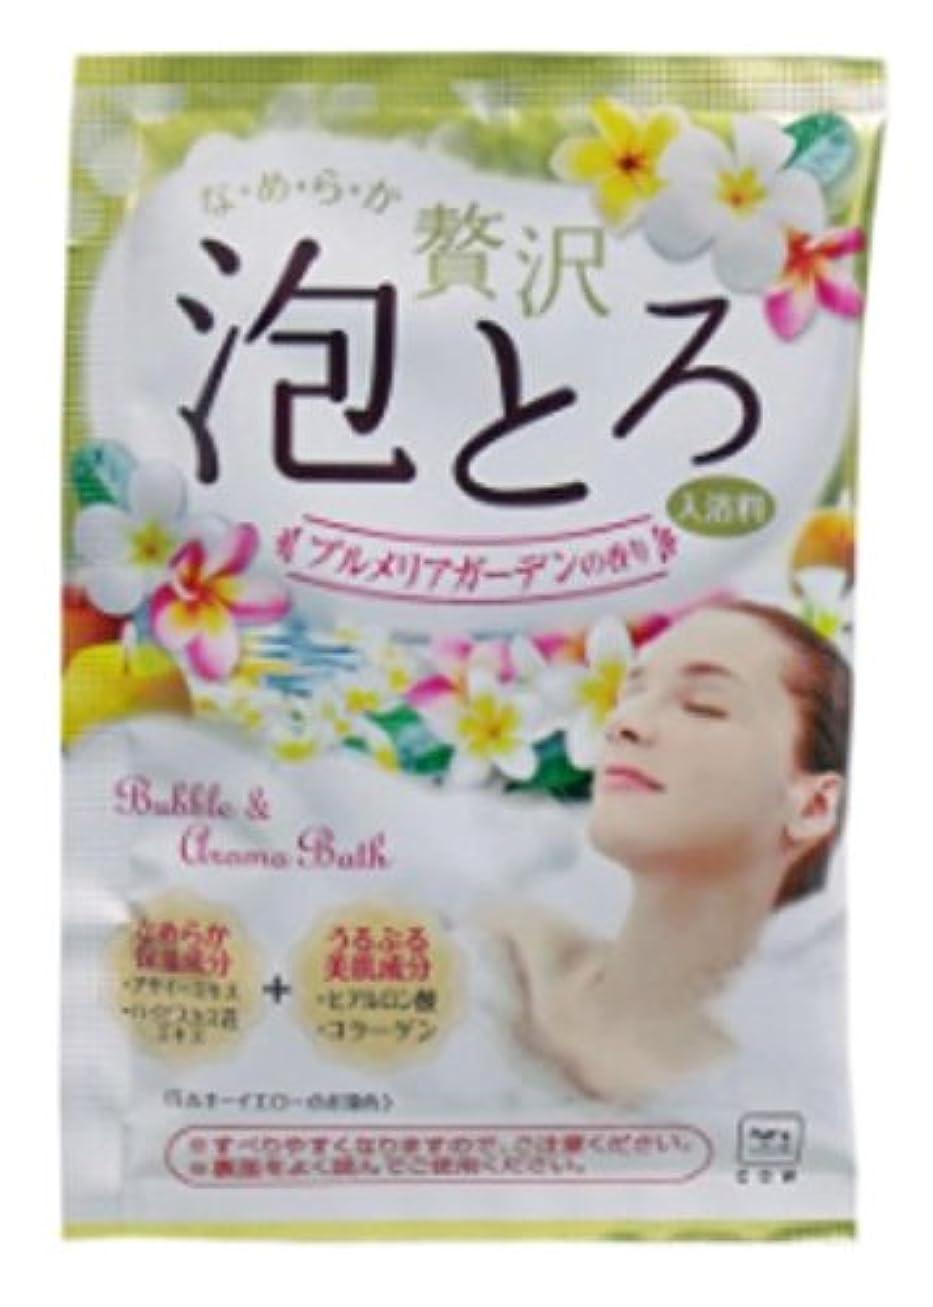 苦味賞賛する挨拶する牛乳石鹸共進社 お湯物語 贅沢泡とろ 入浴料 プルメリアガーデンの香り 30g 3個セット